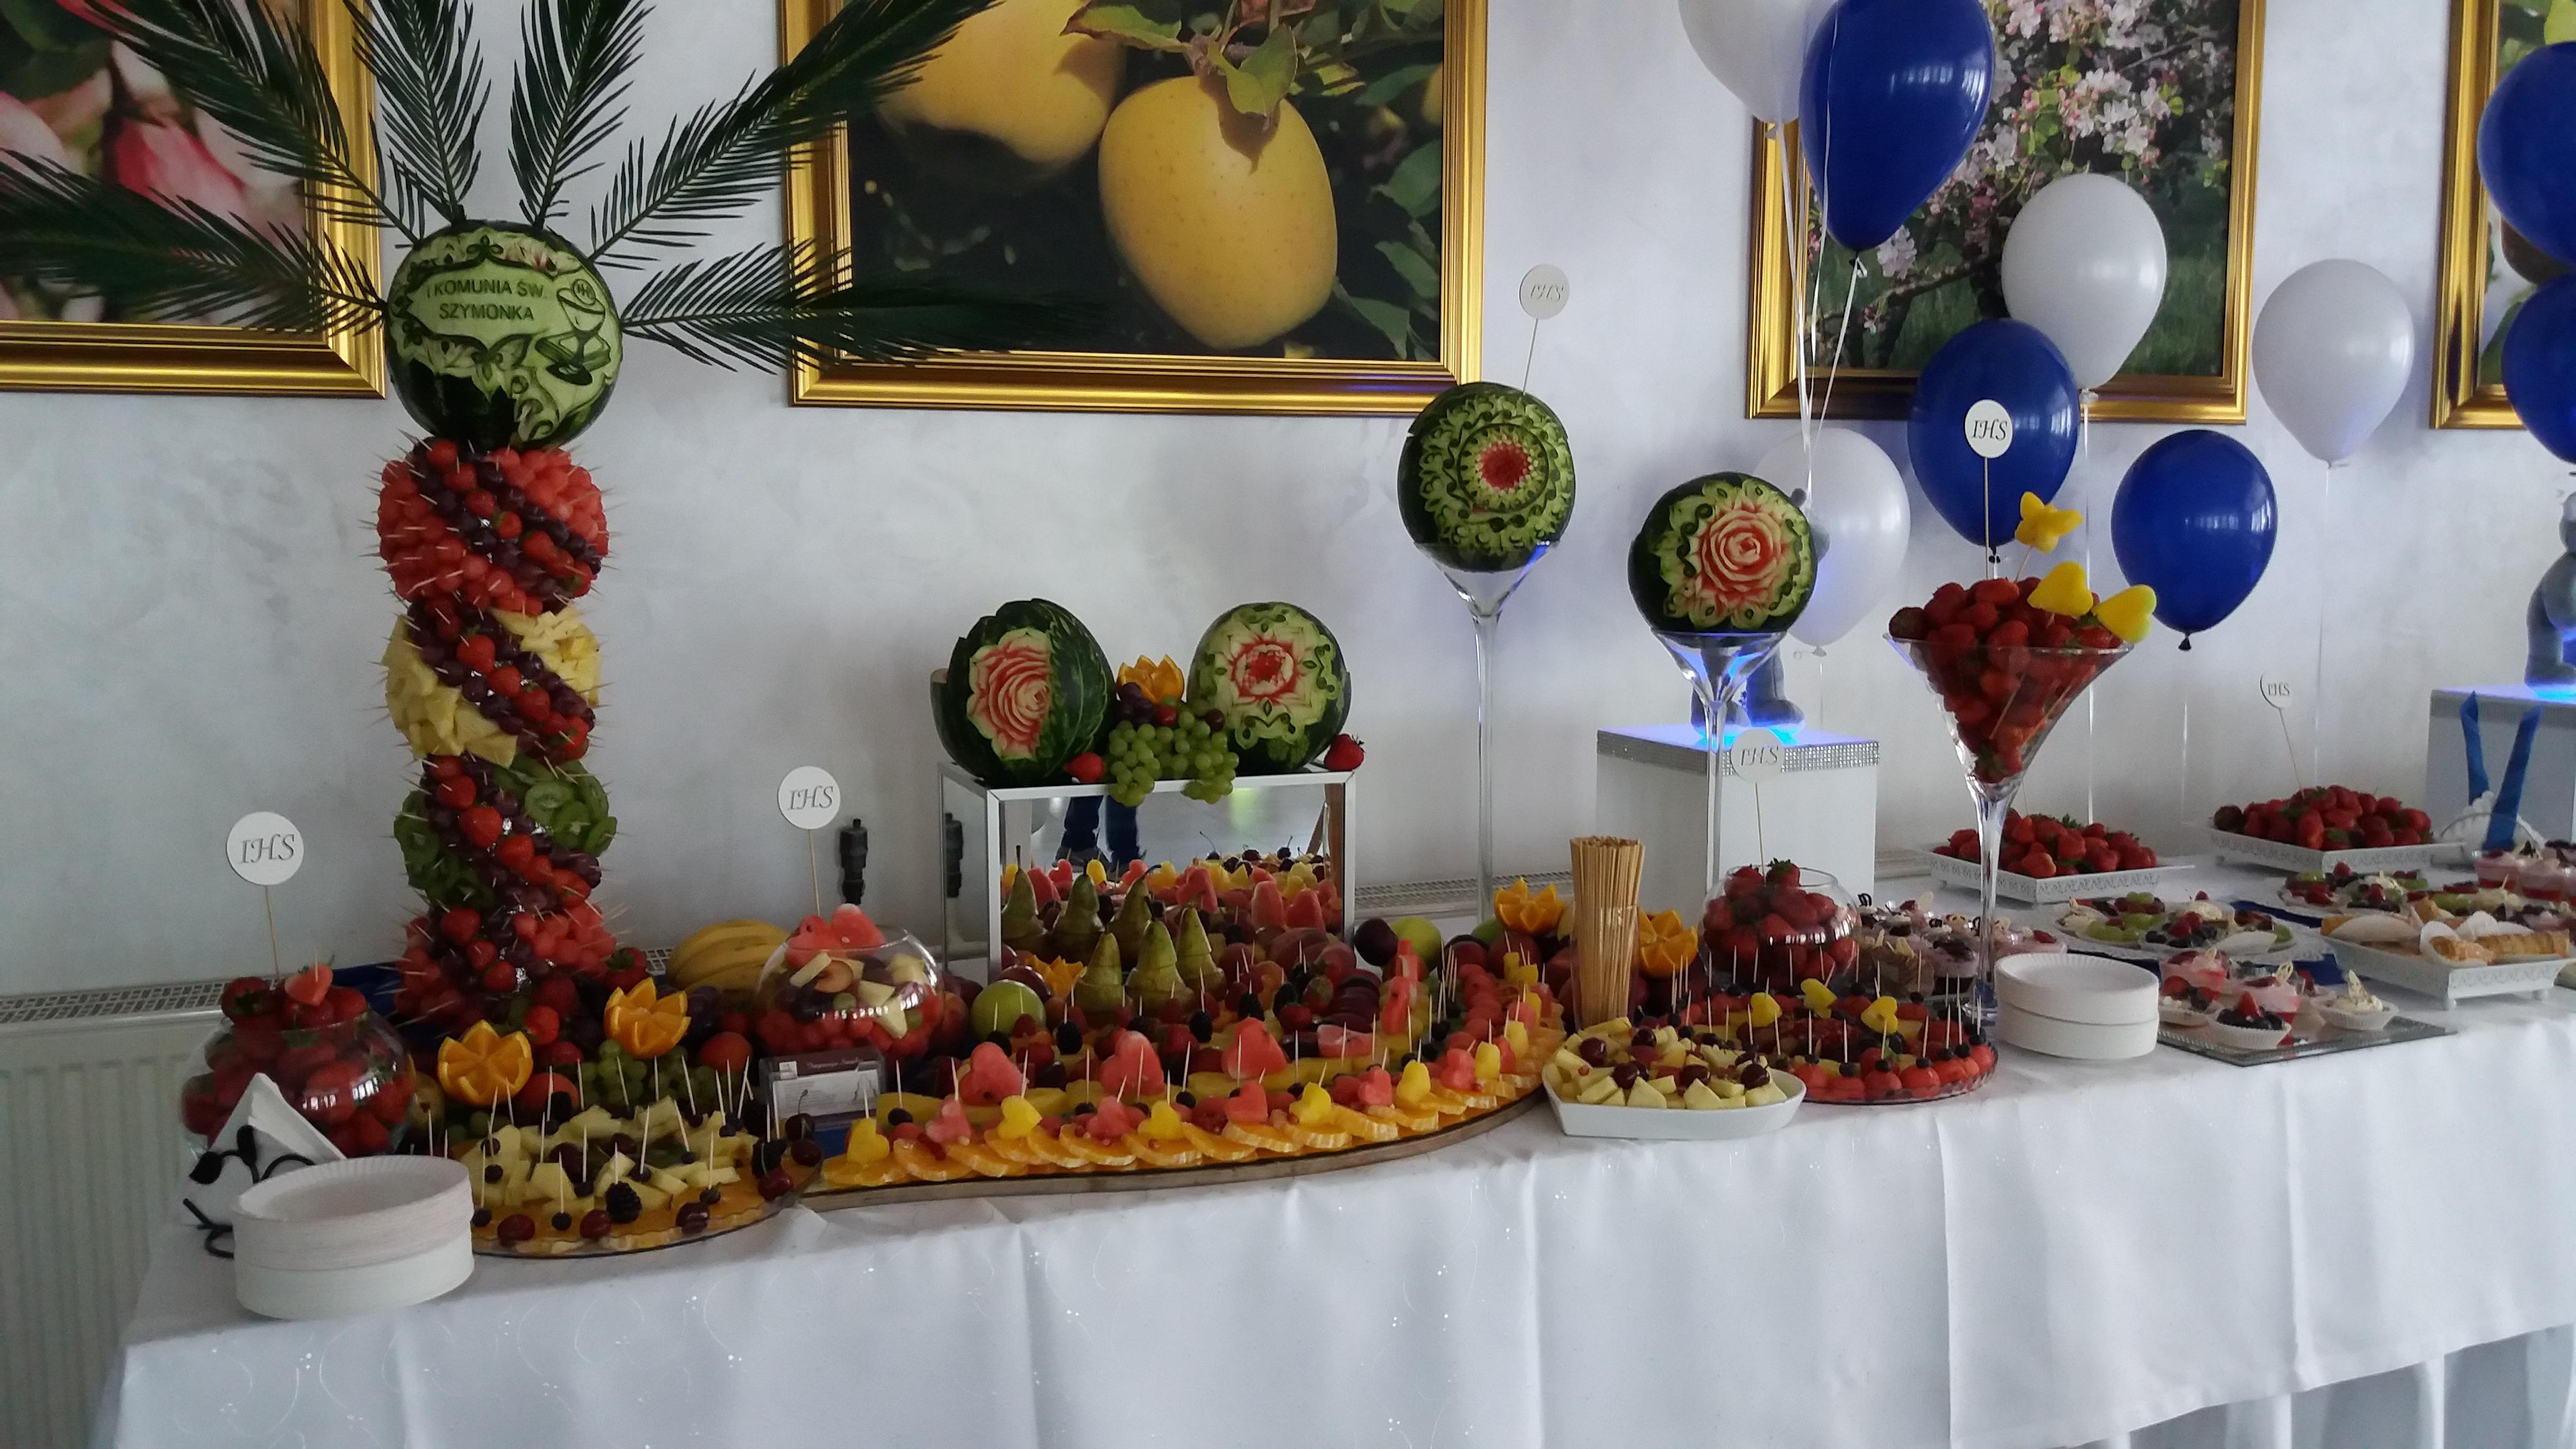 stół owocowy, fruit carving, dekoracje owocowe, kosz z owoców